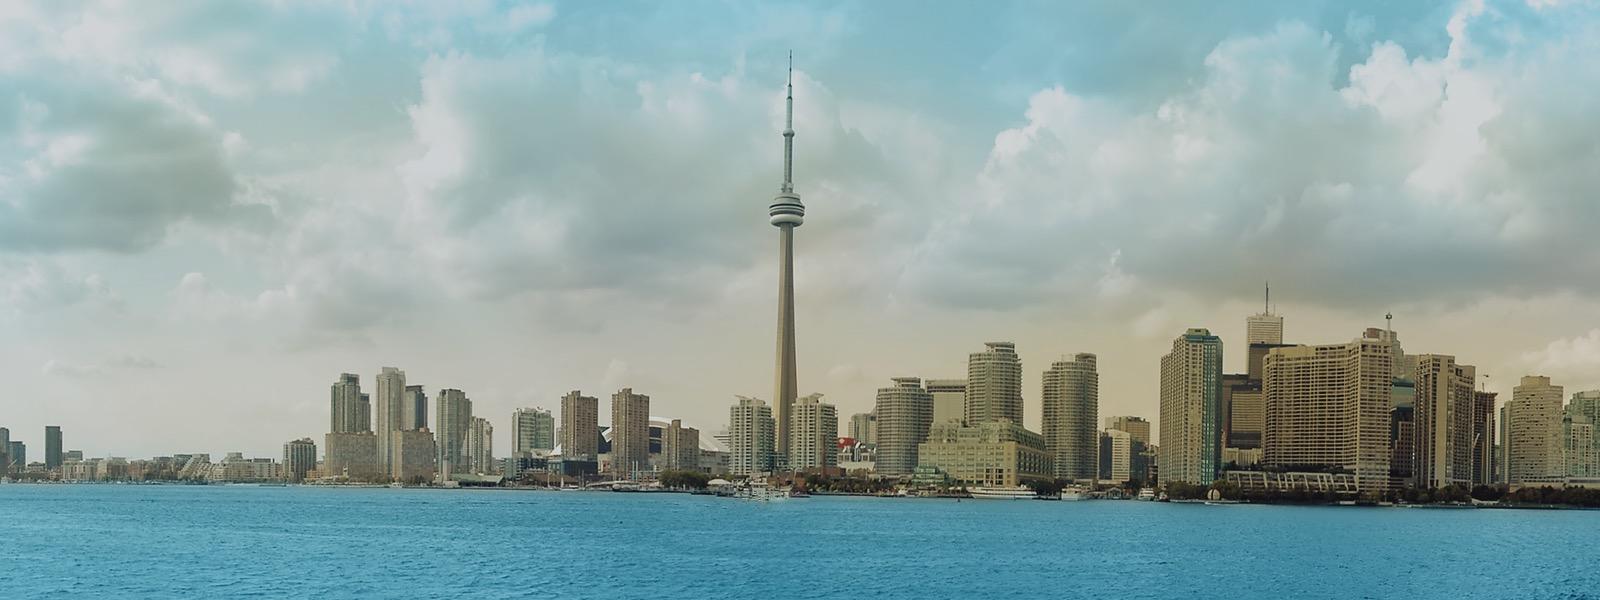 REVIV Toronto